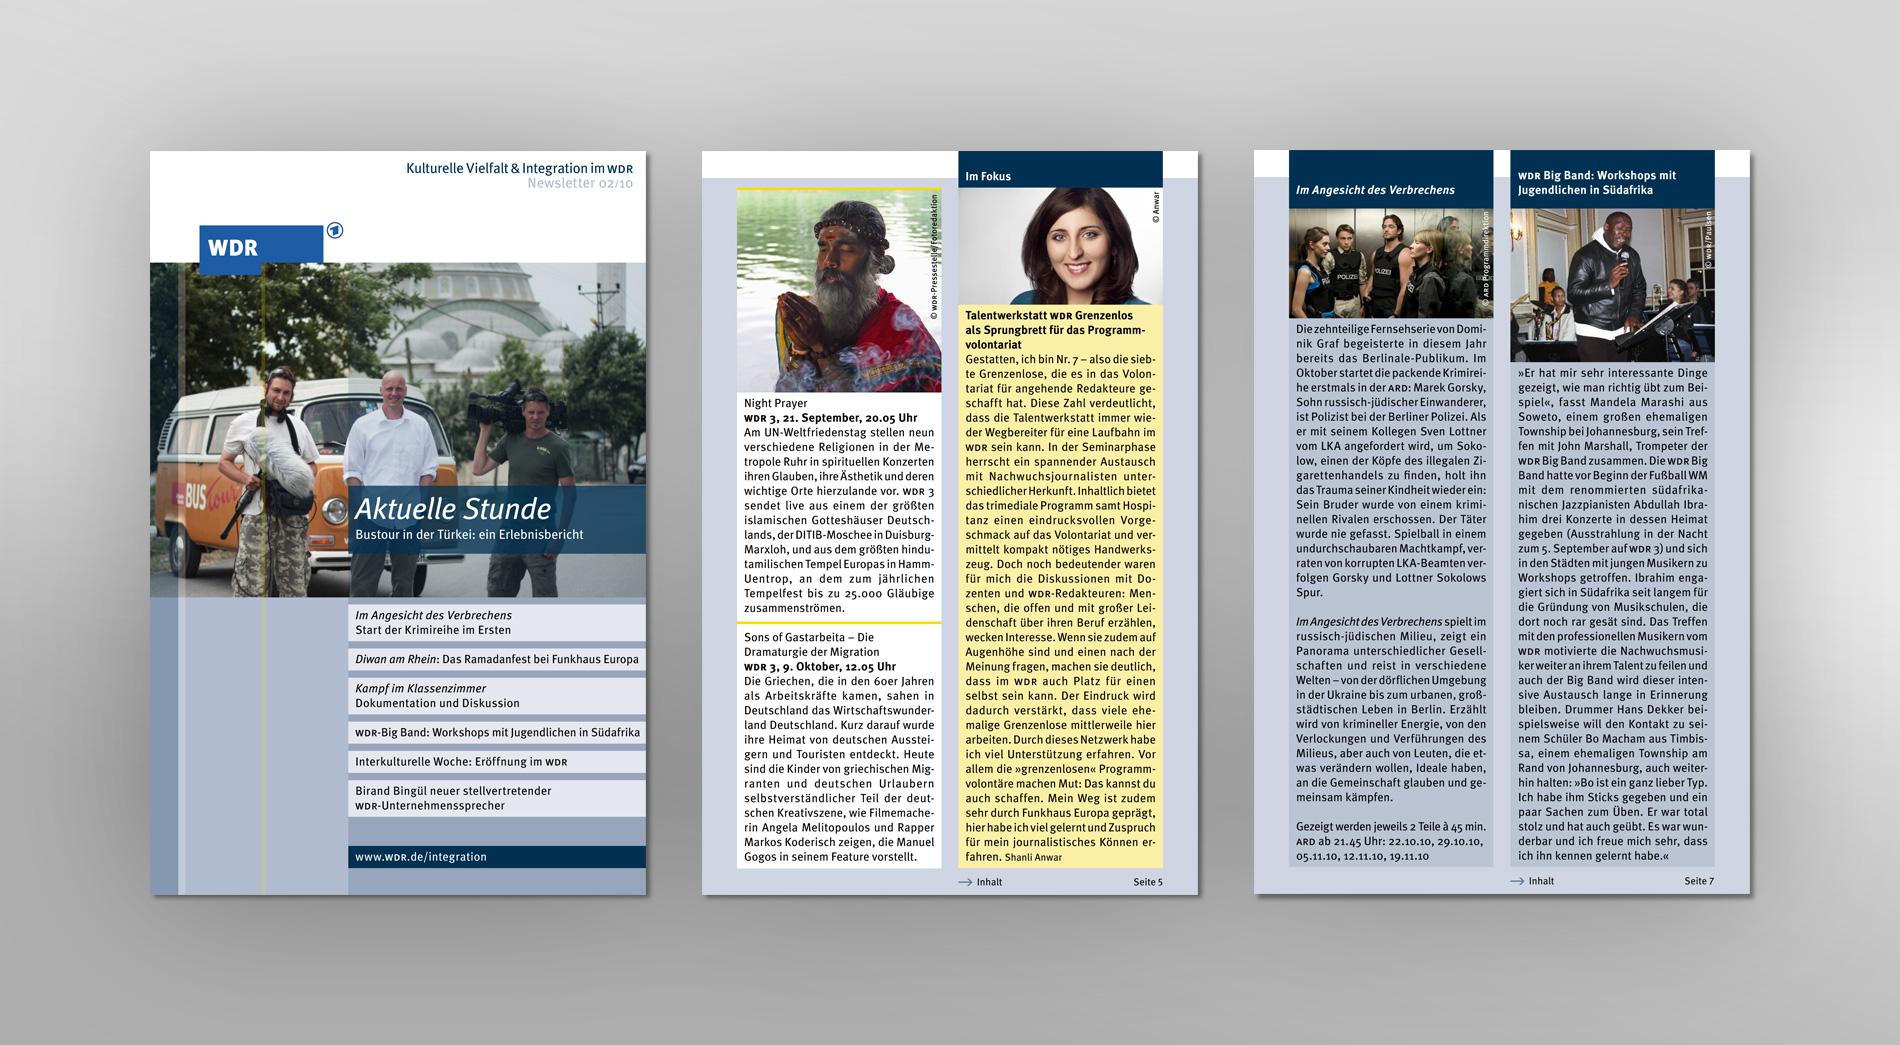 WDR Newsletter 02/2010 für kulturelle Vielfalt und Integration